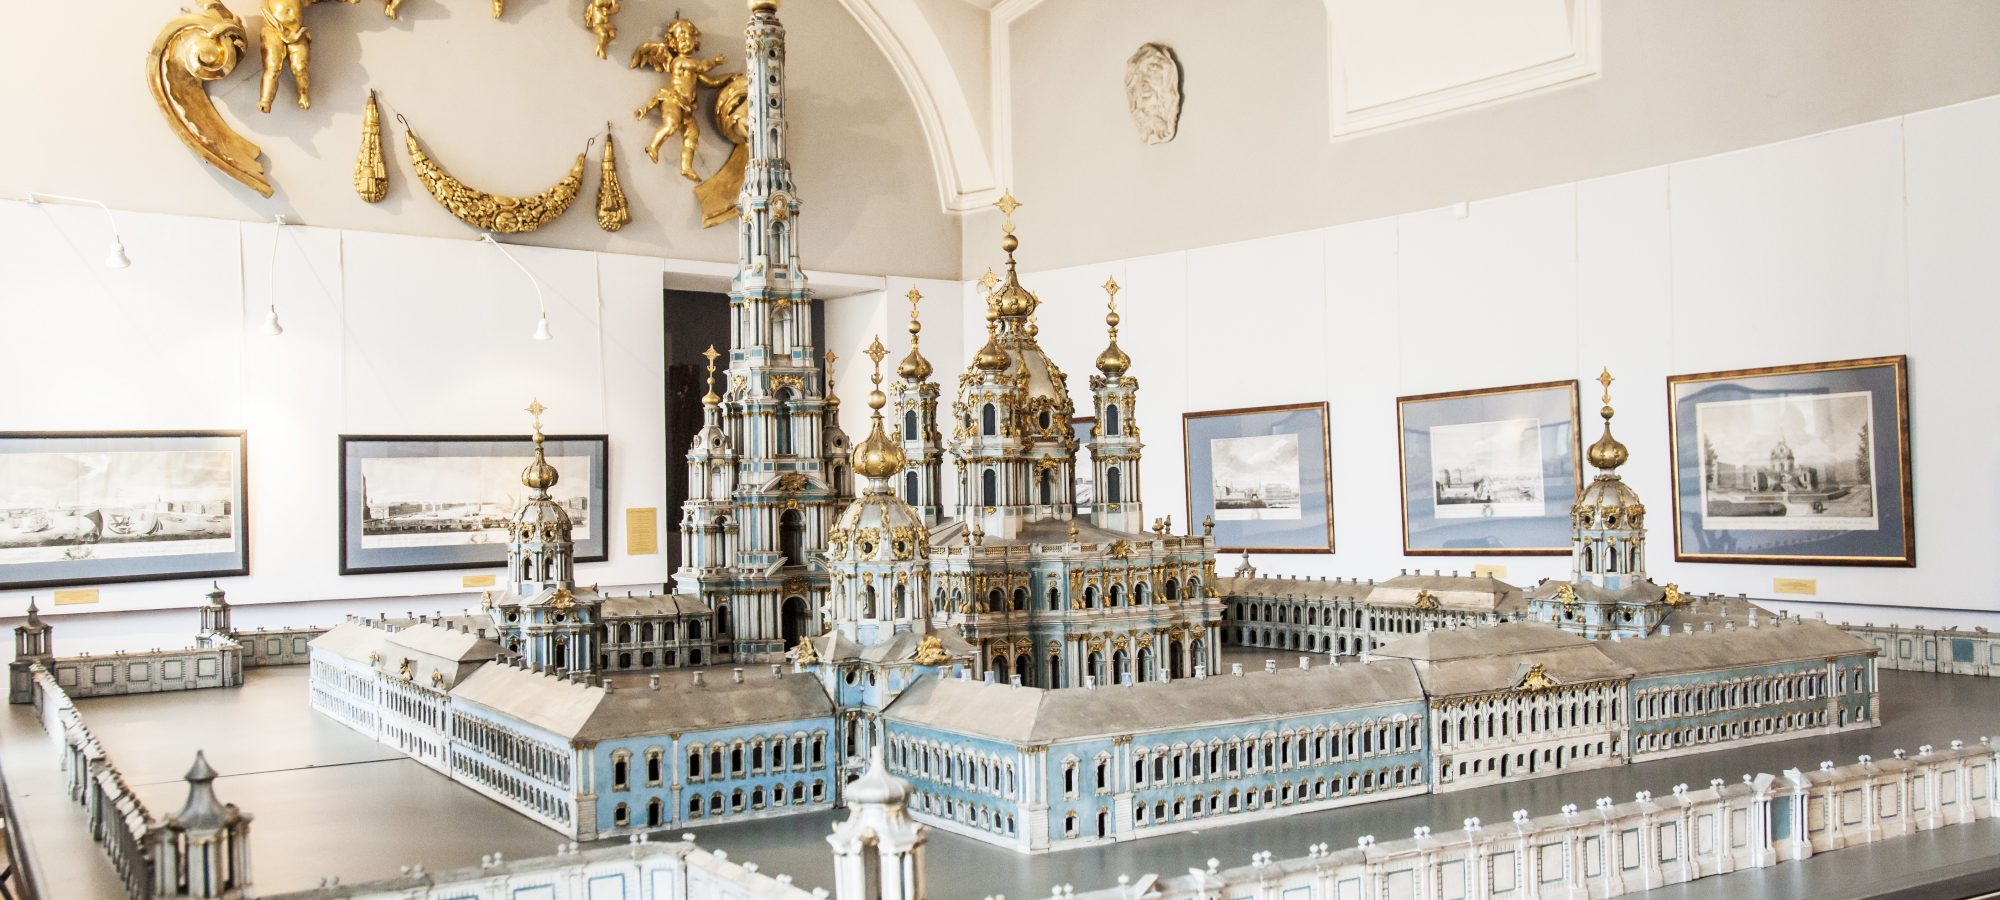 Петербург в архитектурных моделях и чертежах. XVIII–XIX века смотреть фото